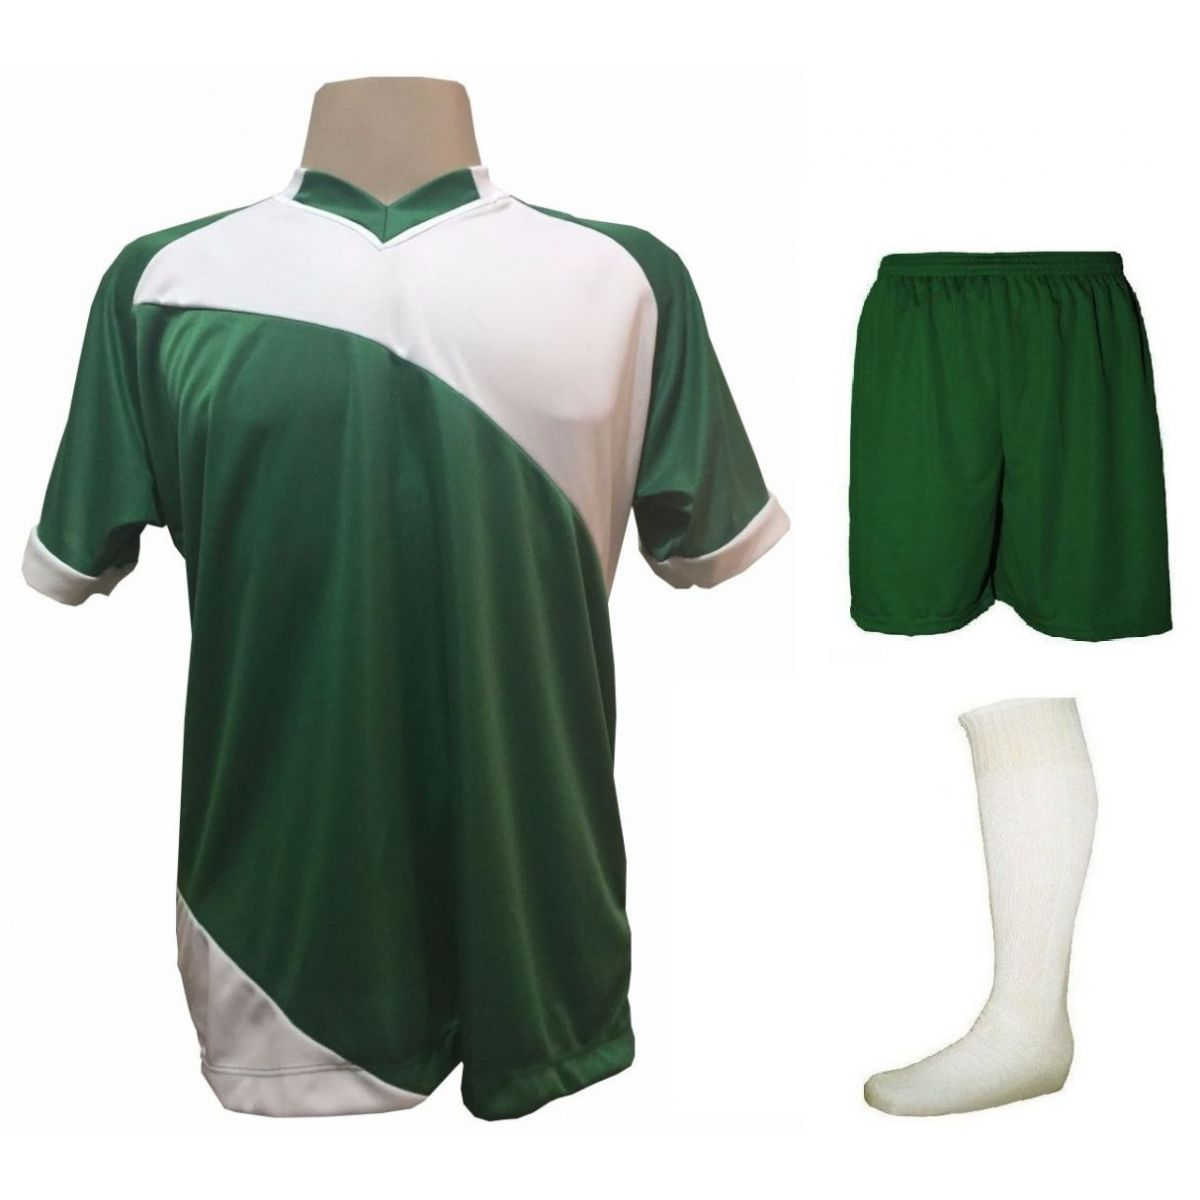 Uniforme Esportivo com 20 camisas modelo Bélgica Verde Branco + 20 calções  modelo Madrid Verde ... b18ee83bcd2ed